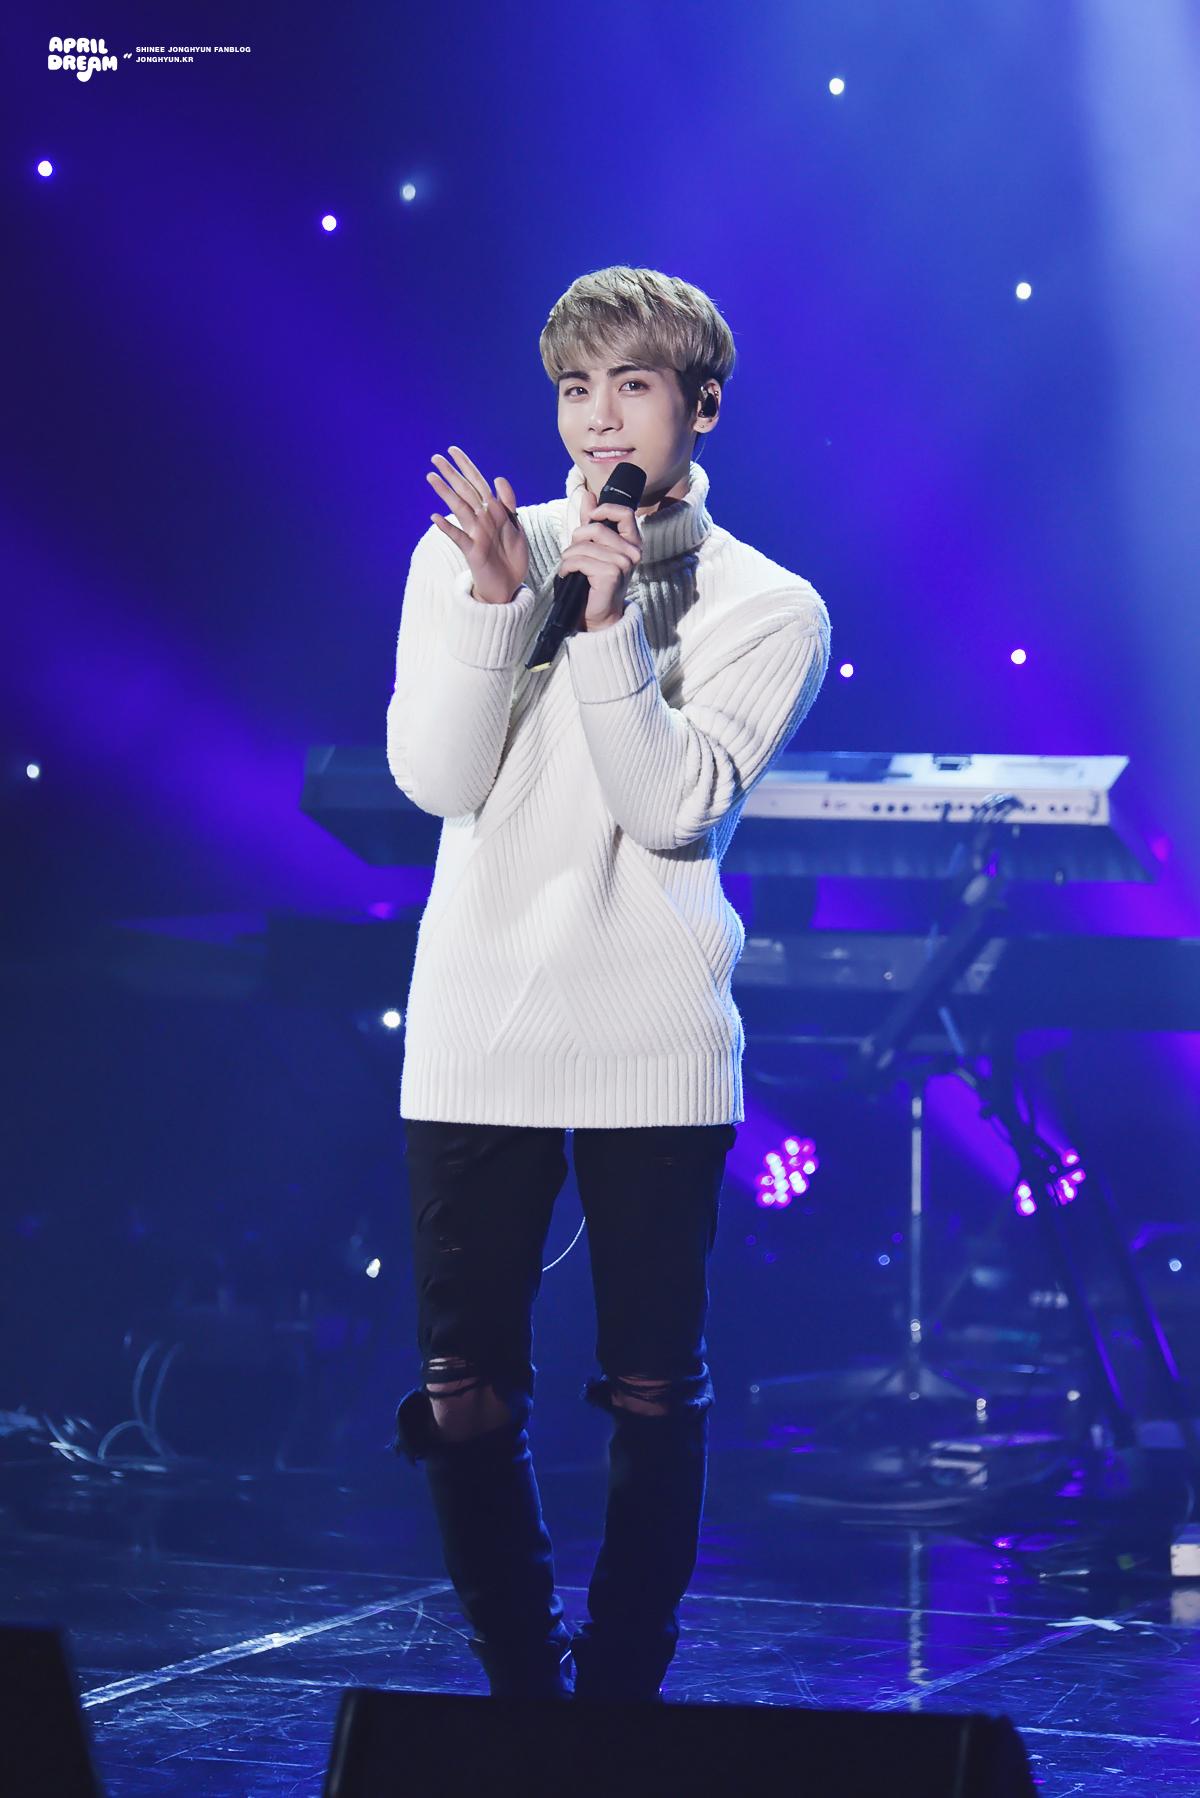 151208 Jonghyun @ MBC Harmony Live Concert 23609920815_d3928f0729_o